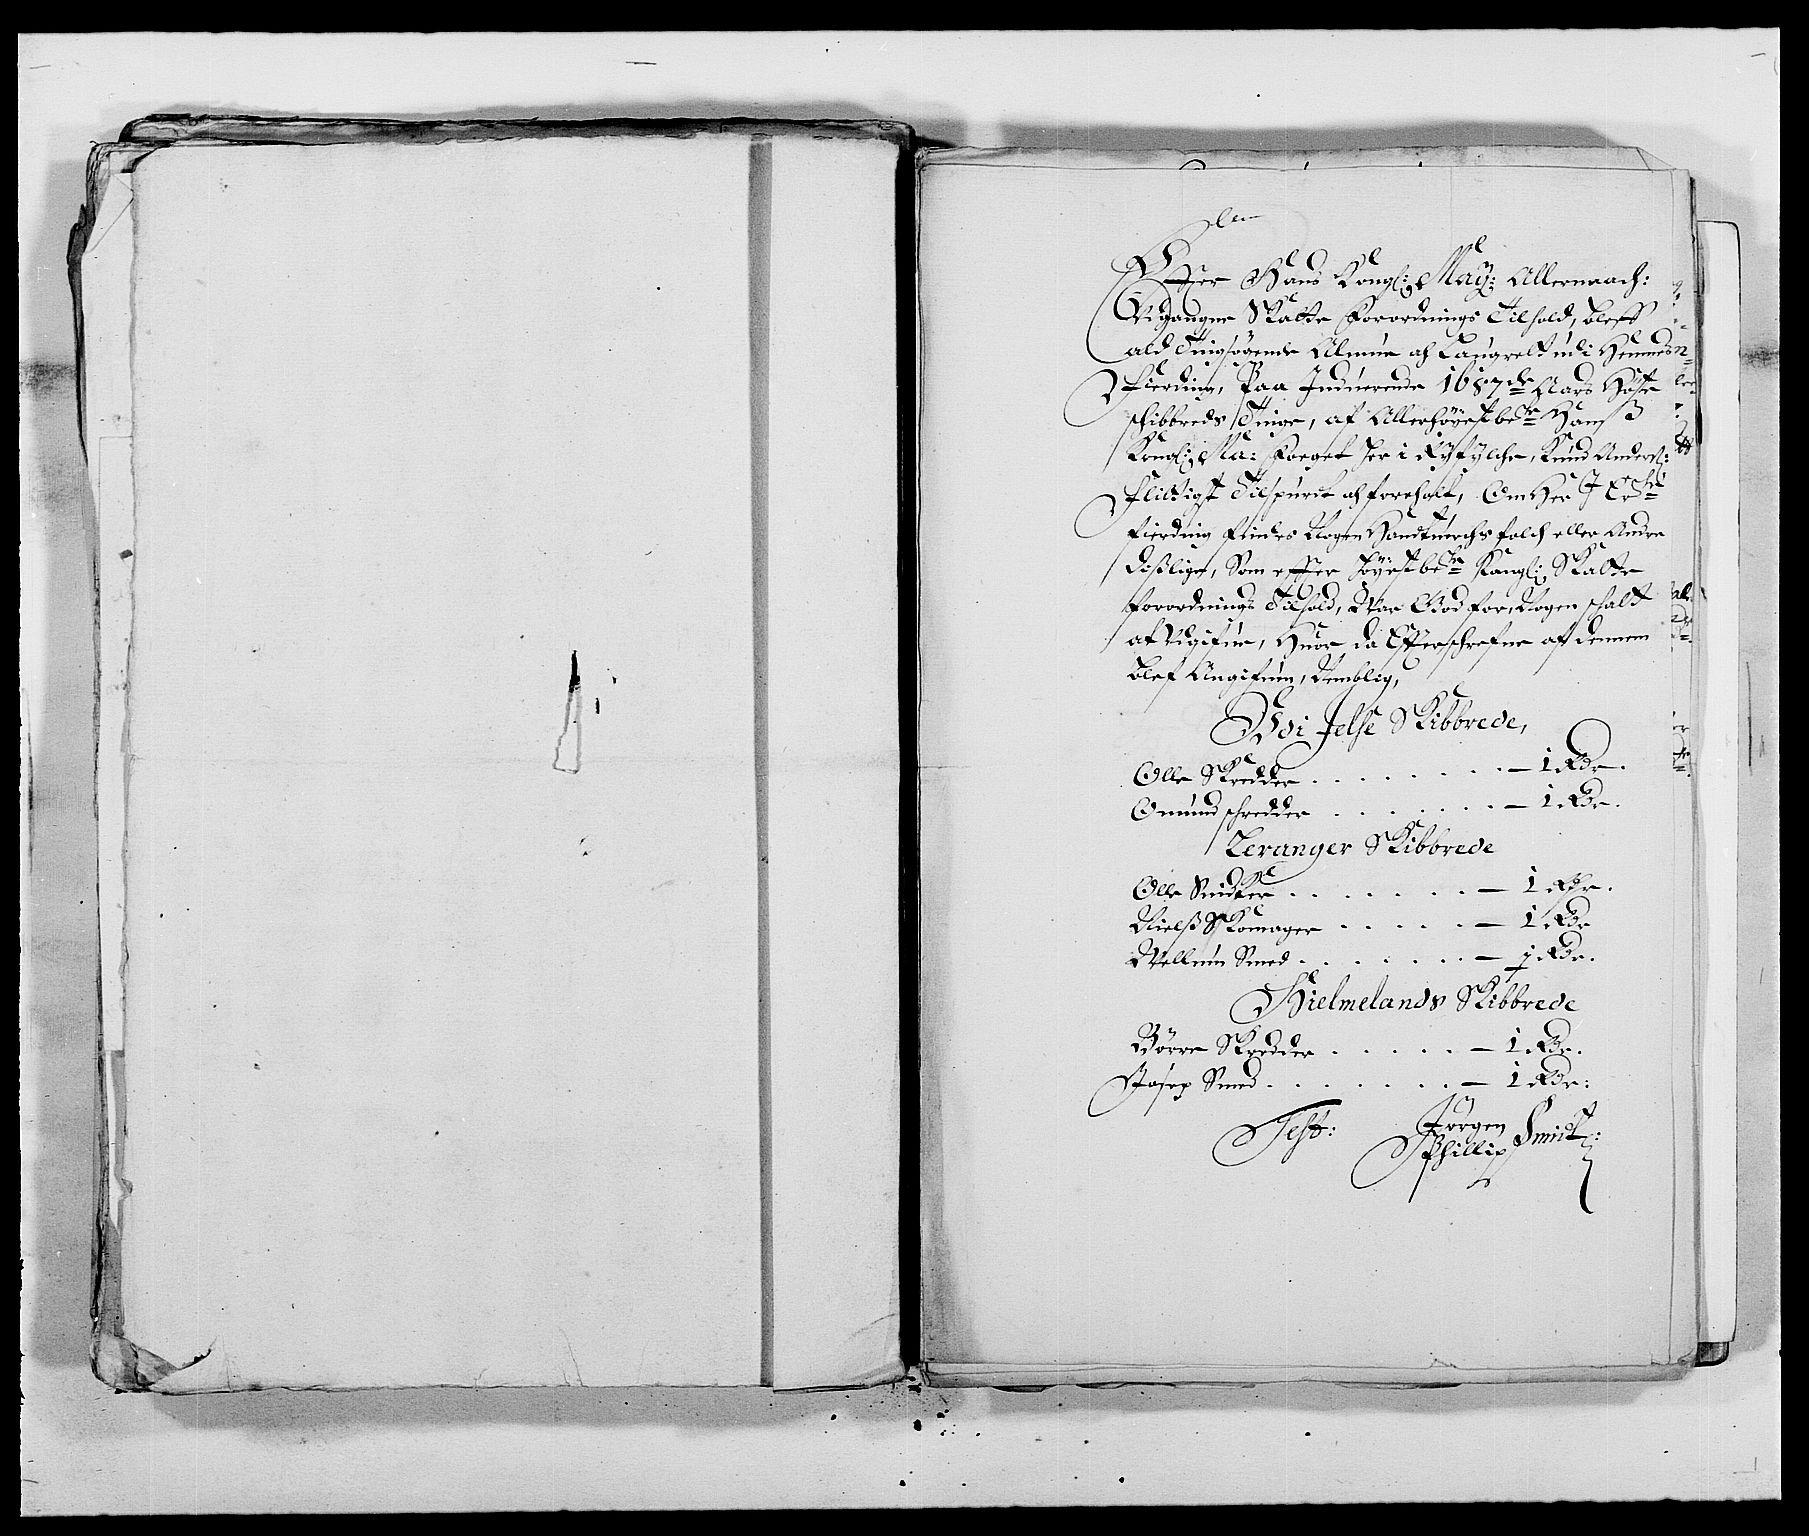 RA, Rentekammeret inntil 1814, Reviderte regnskaper, Fogderegnskap, R47/L2855: Fogderegnskap Ryfylke, 1685-1688, s. 307